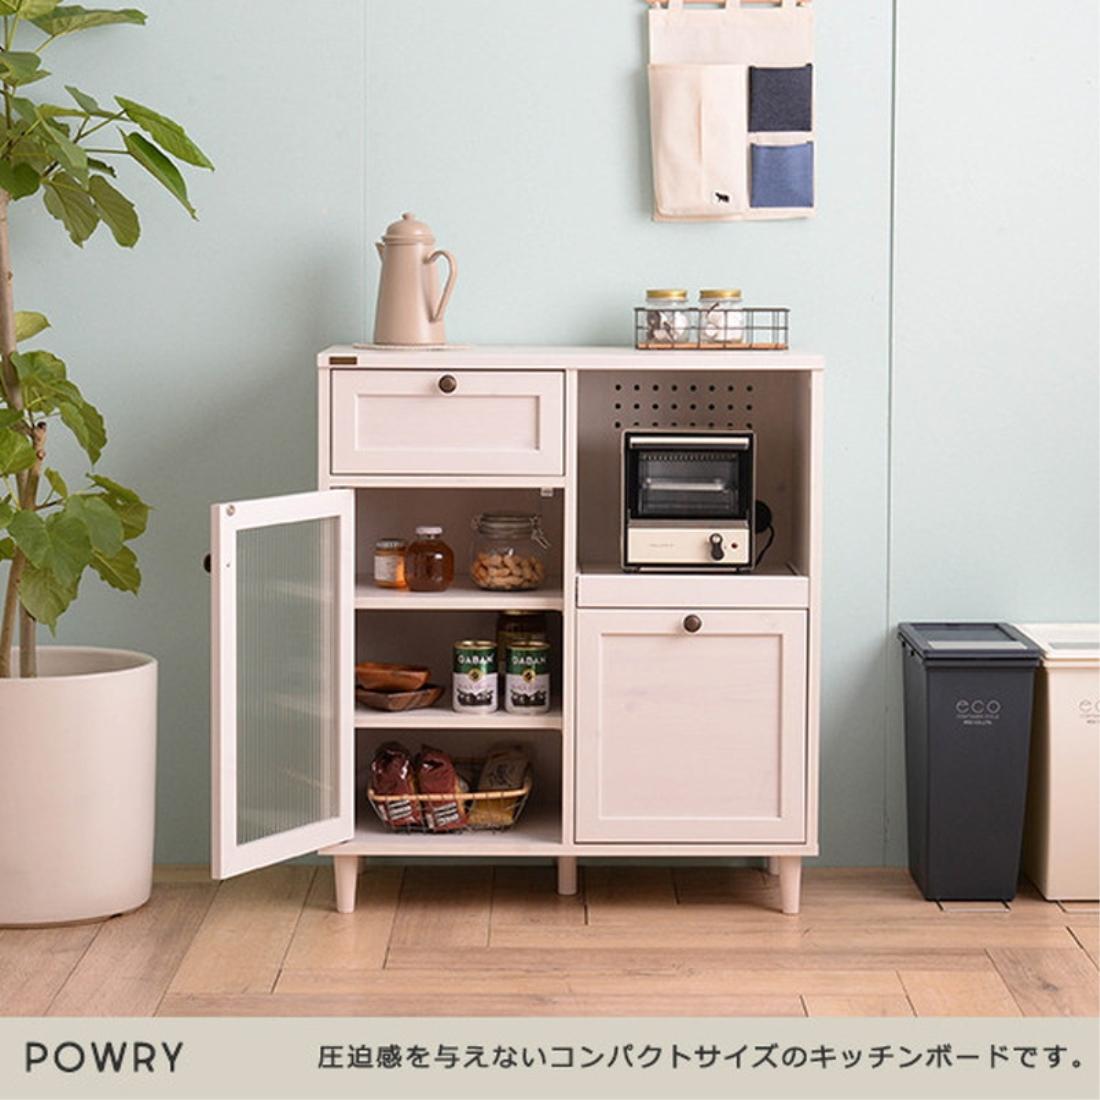 送料無料 オシャレ 家具 キッチン収納 POWRY(ポーリー) レンジ台(80cm幅) オシャレ